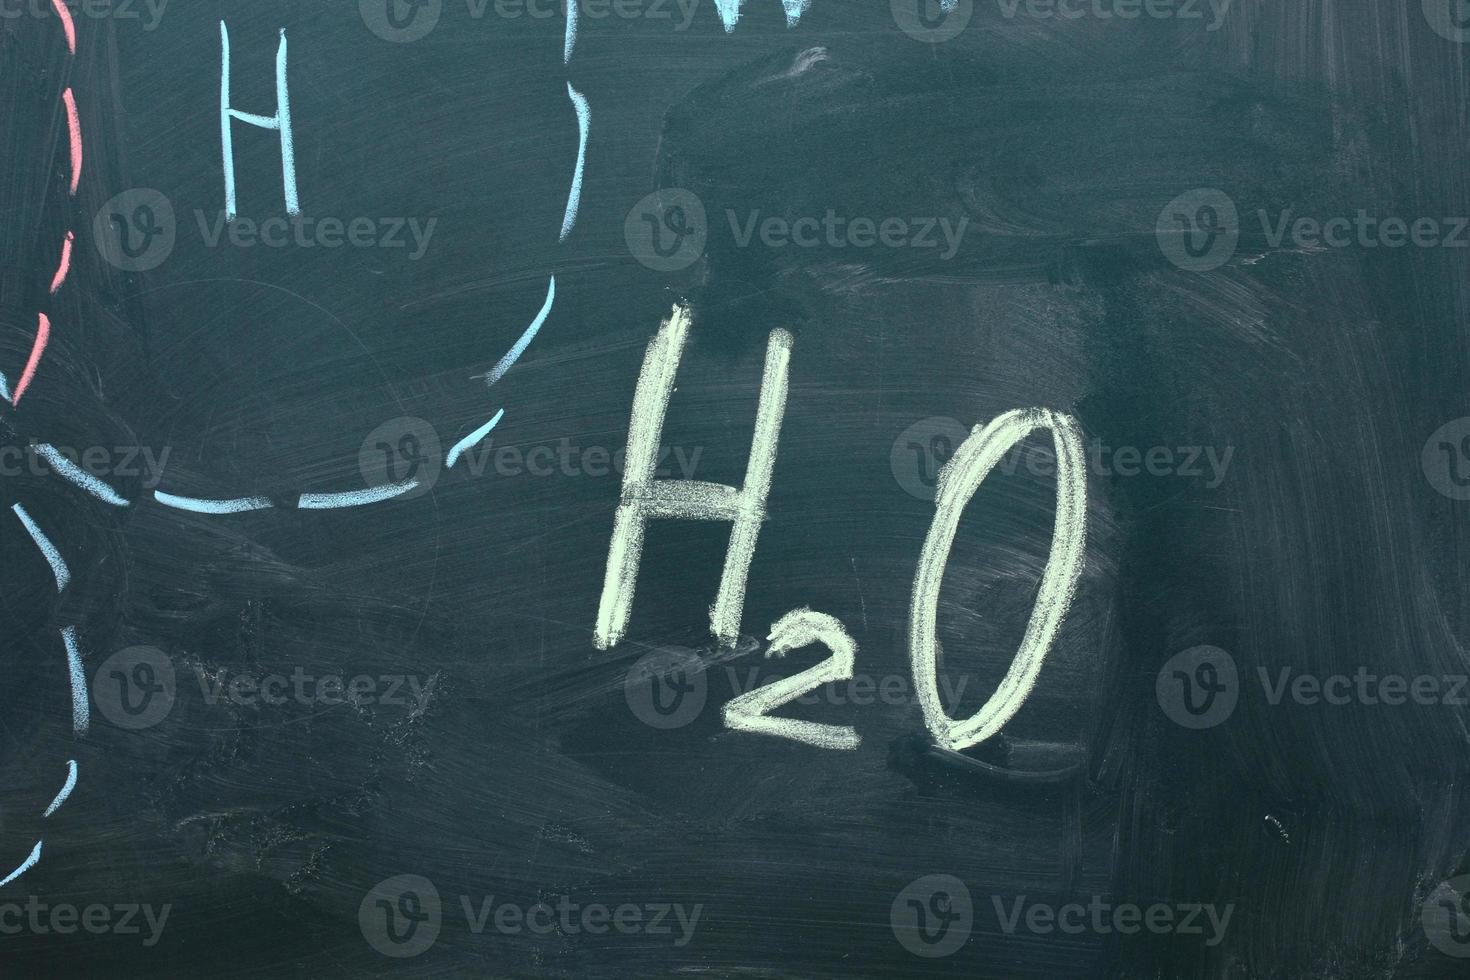 fórmulas químicas en la pizarra foto